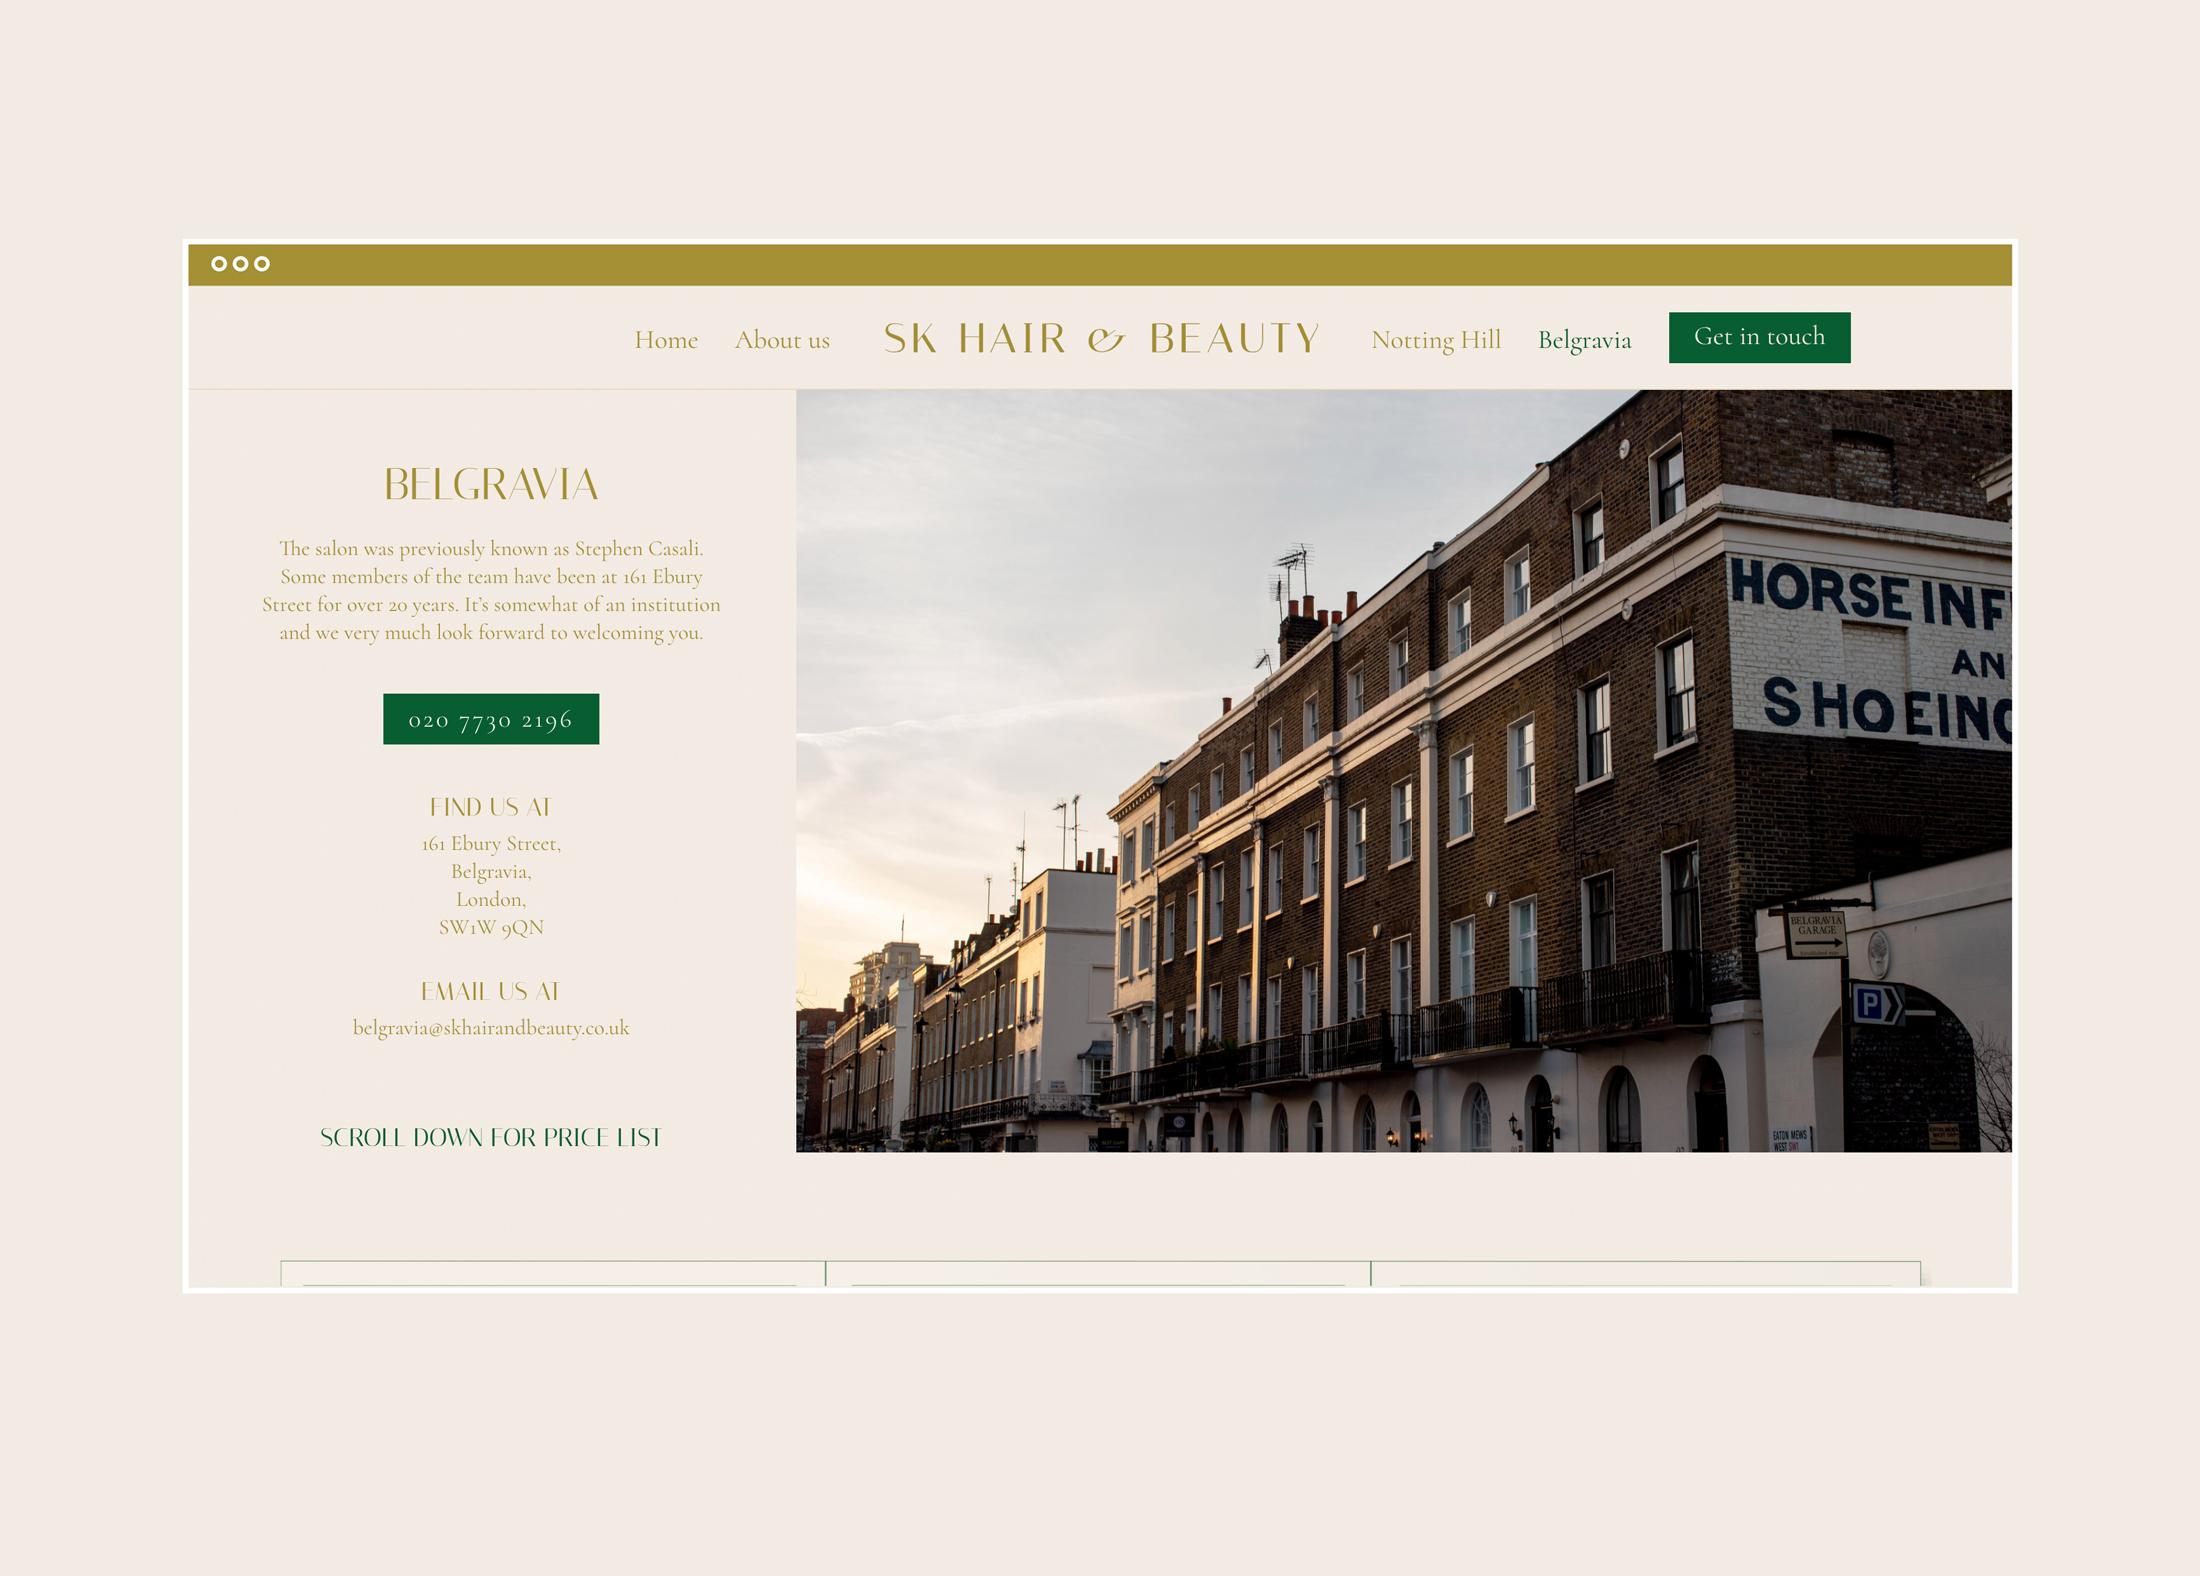 hair salon belgravia web page